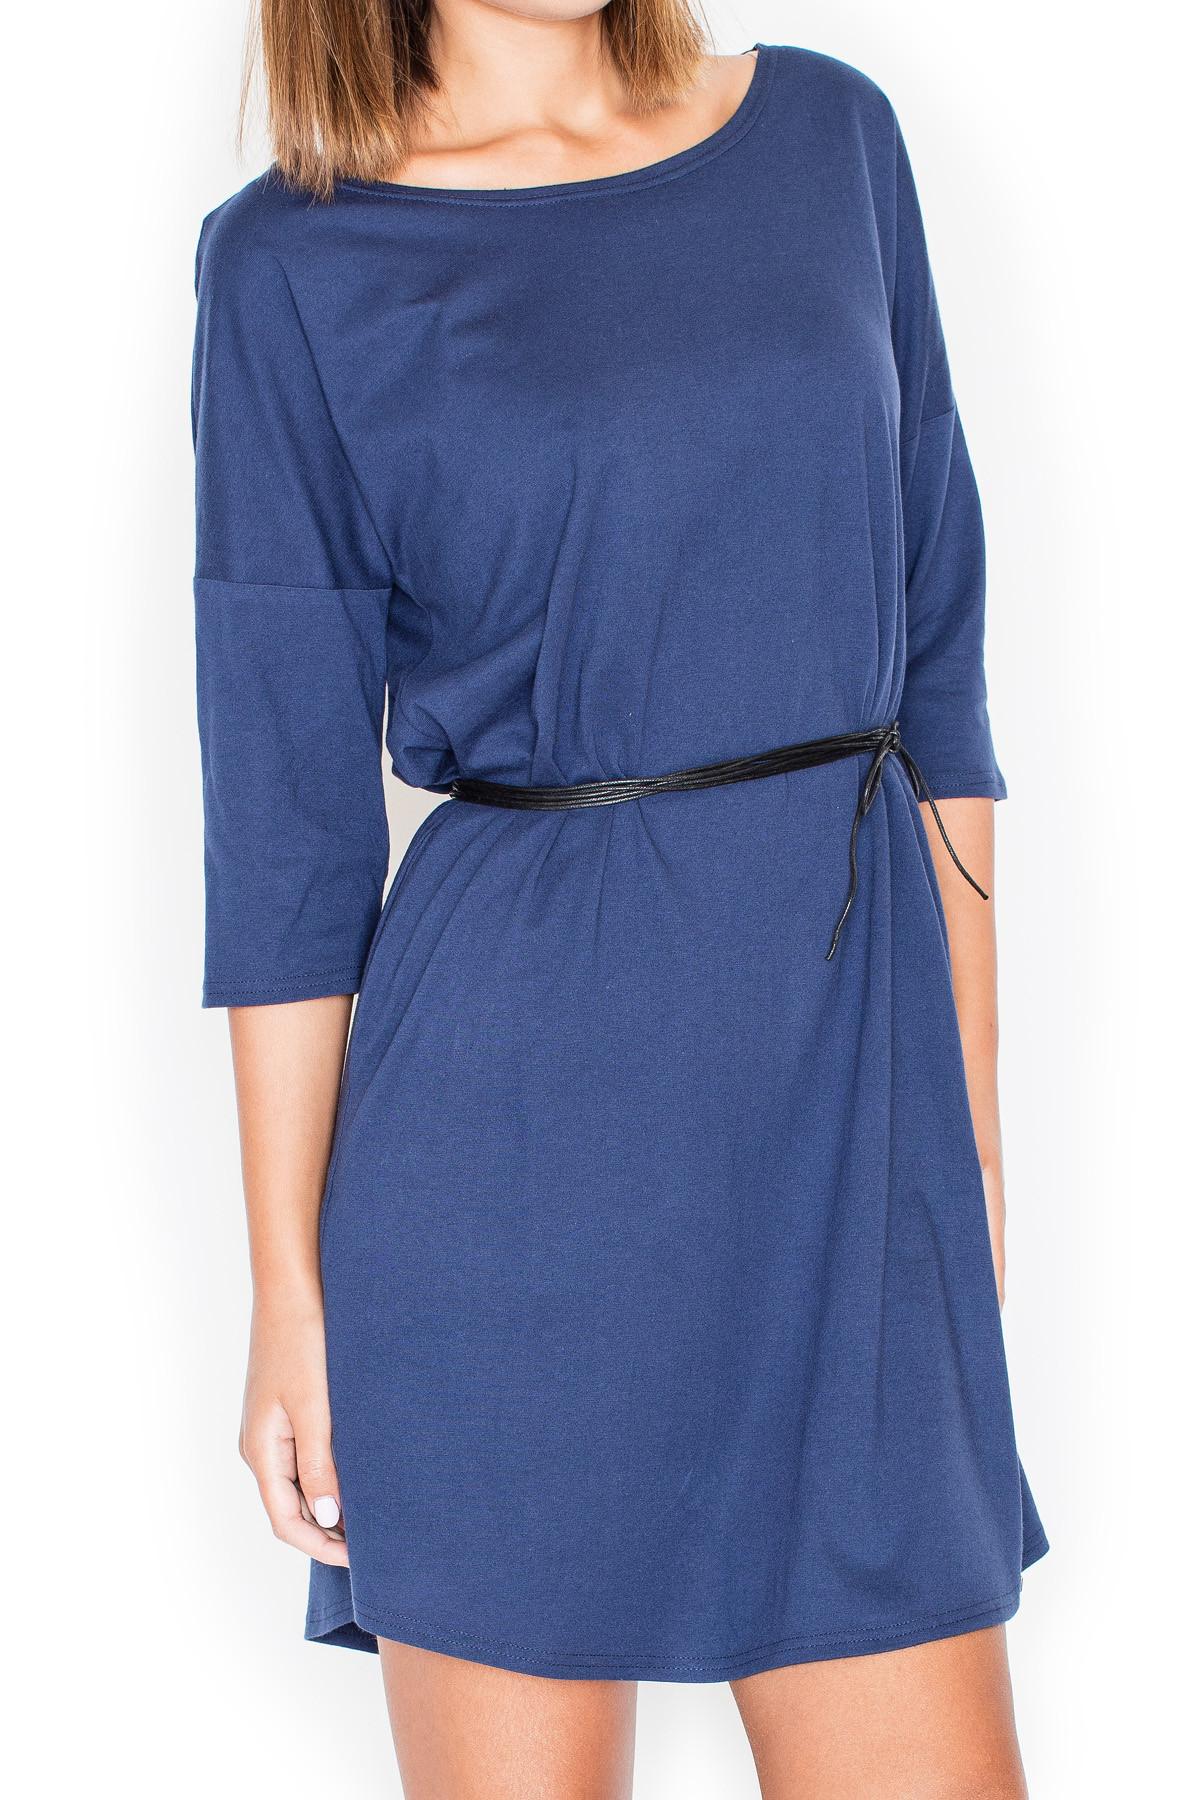 Denní šaty model 50904 Katrus L